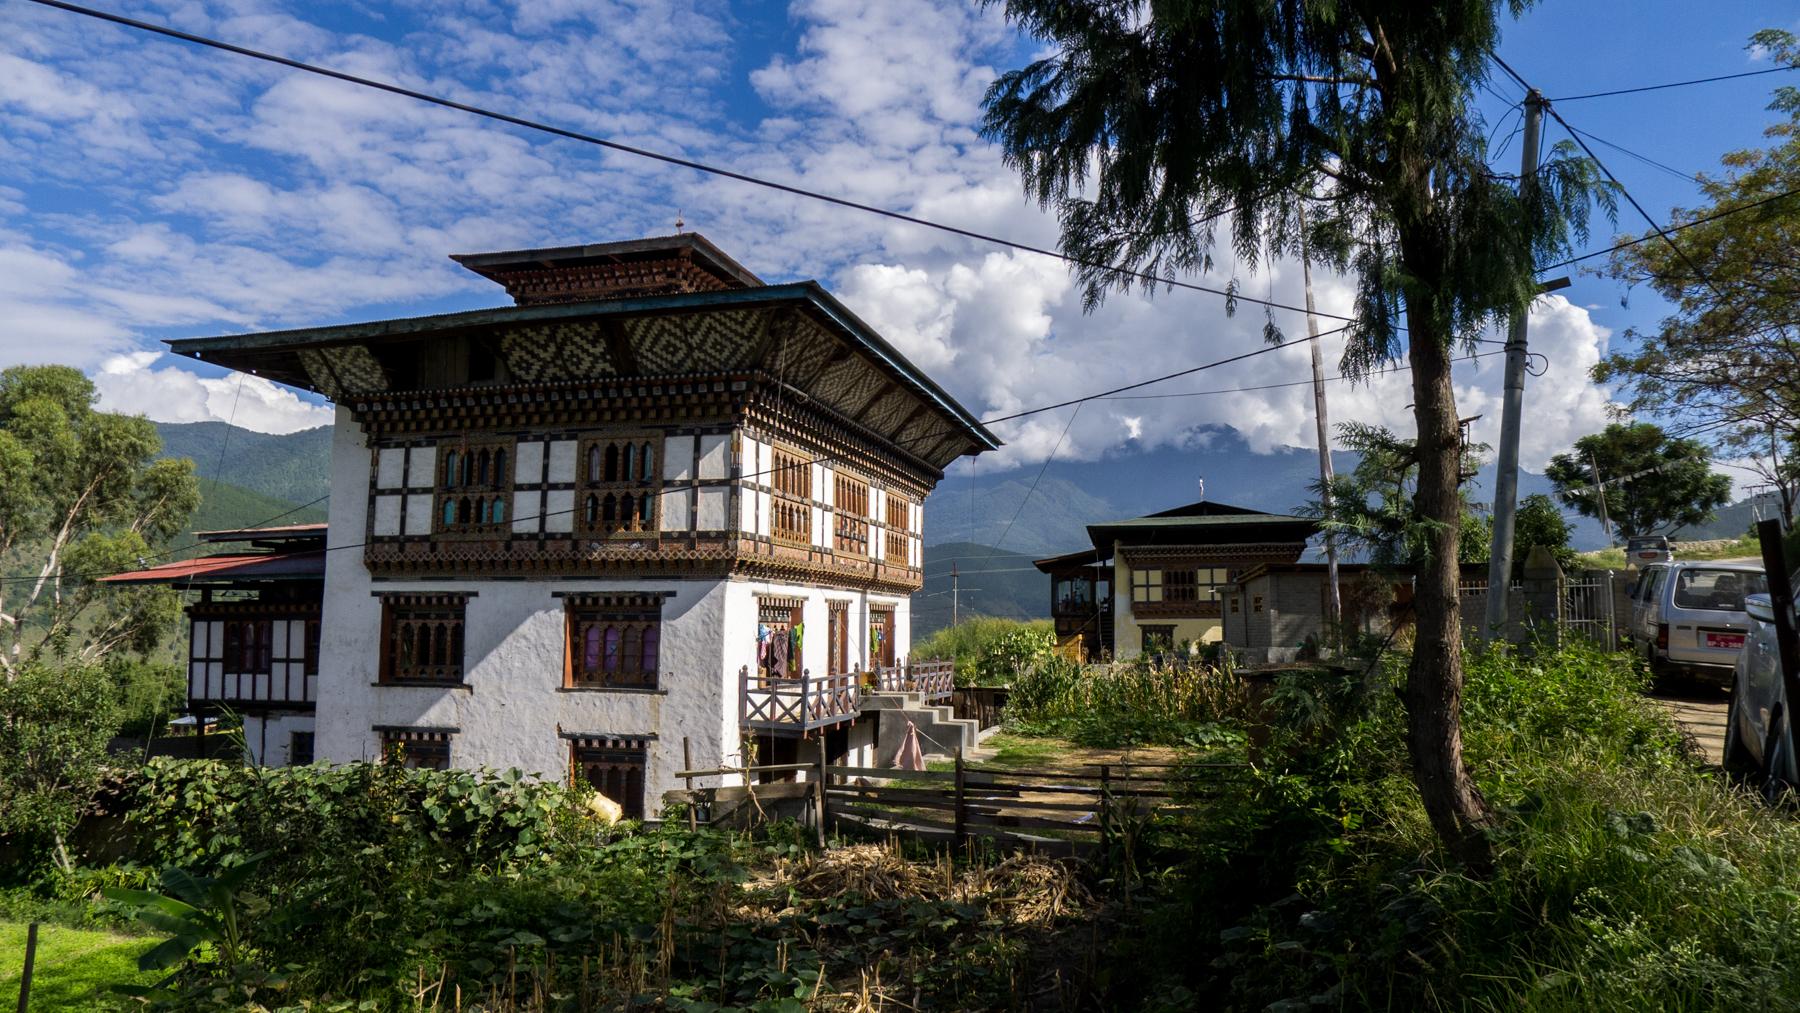 Teoprongchu